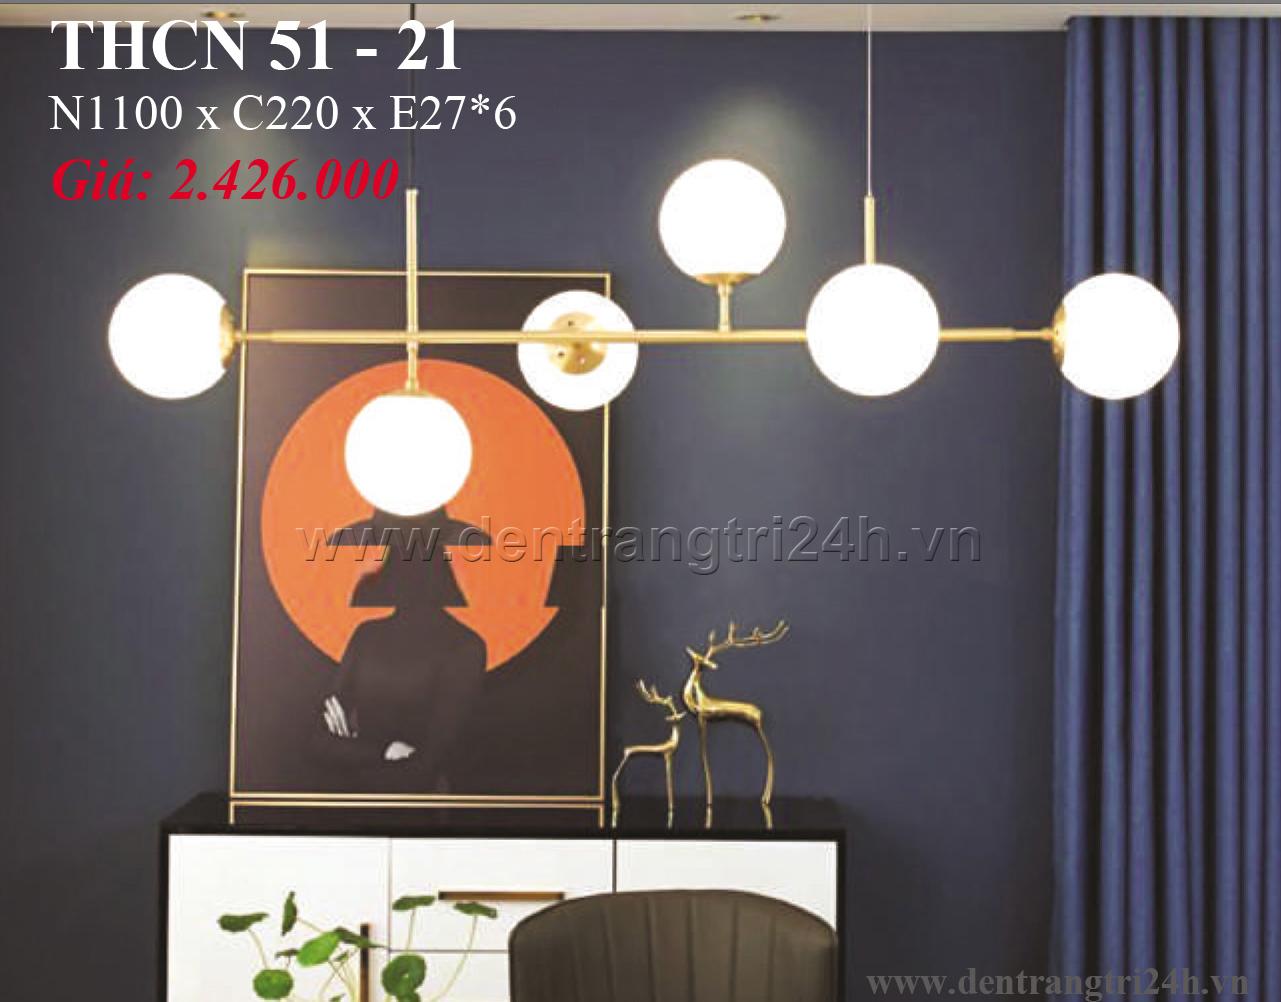 Đèn Chùm Nghệ Thuật PT6 THCN 51-21 N1100xC220